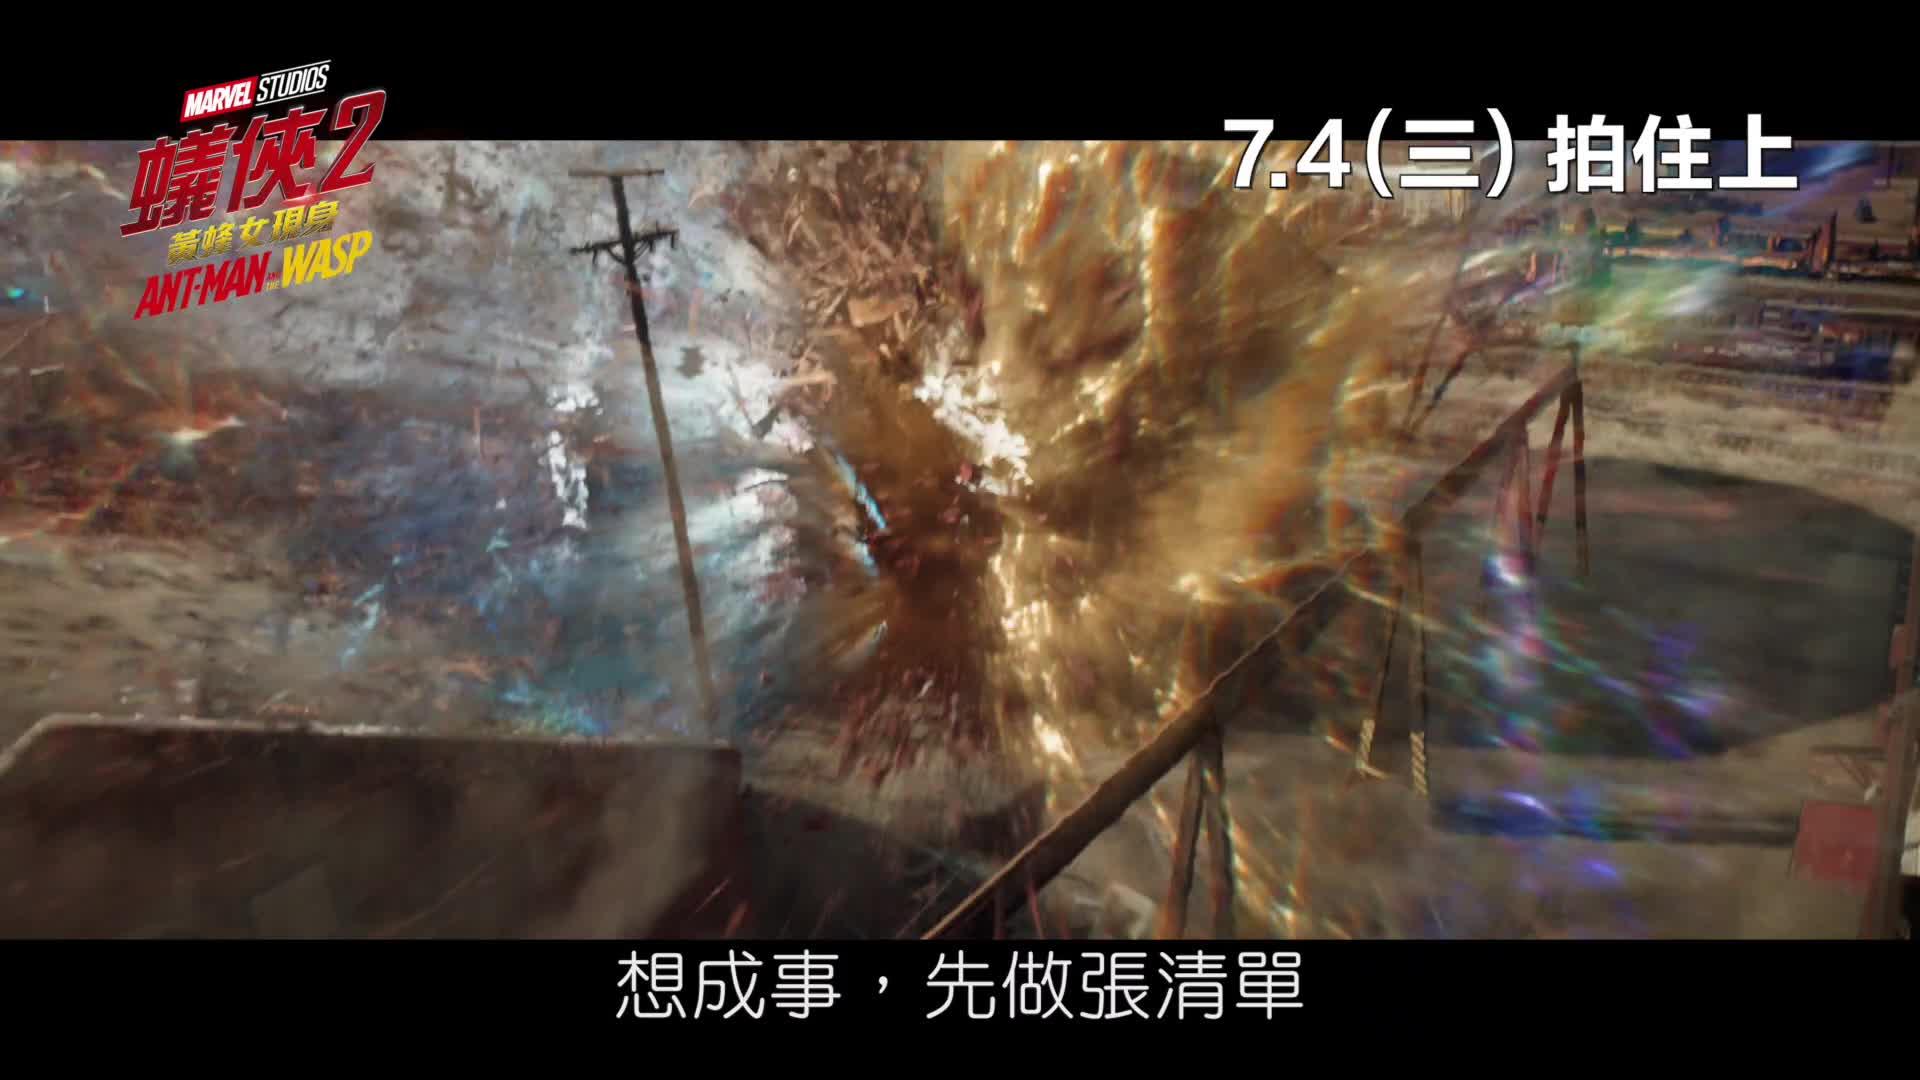 《蟻俠2:黃蜂女現身》中文版預告